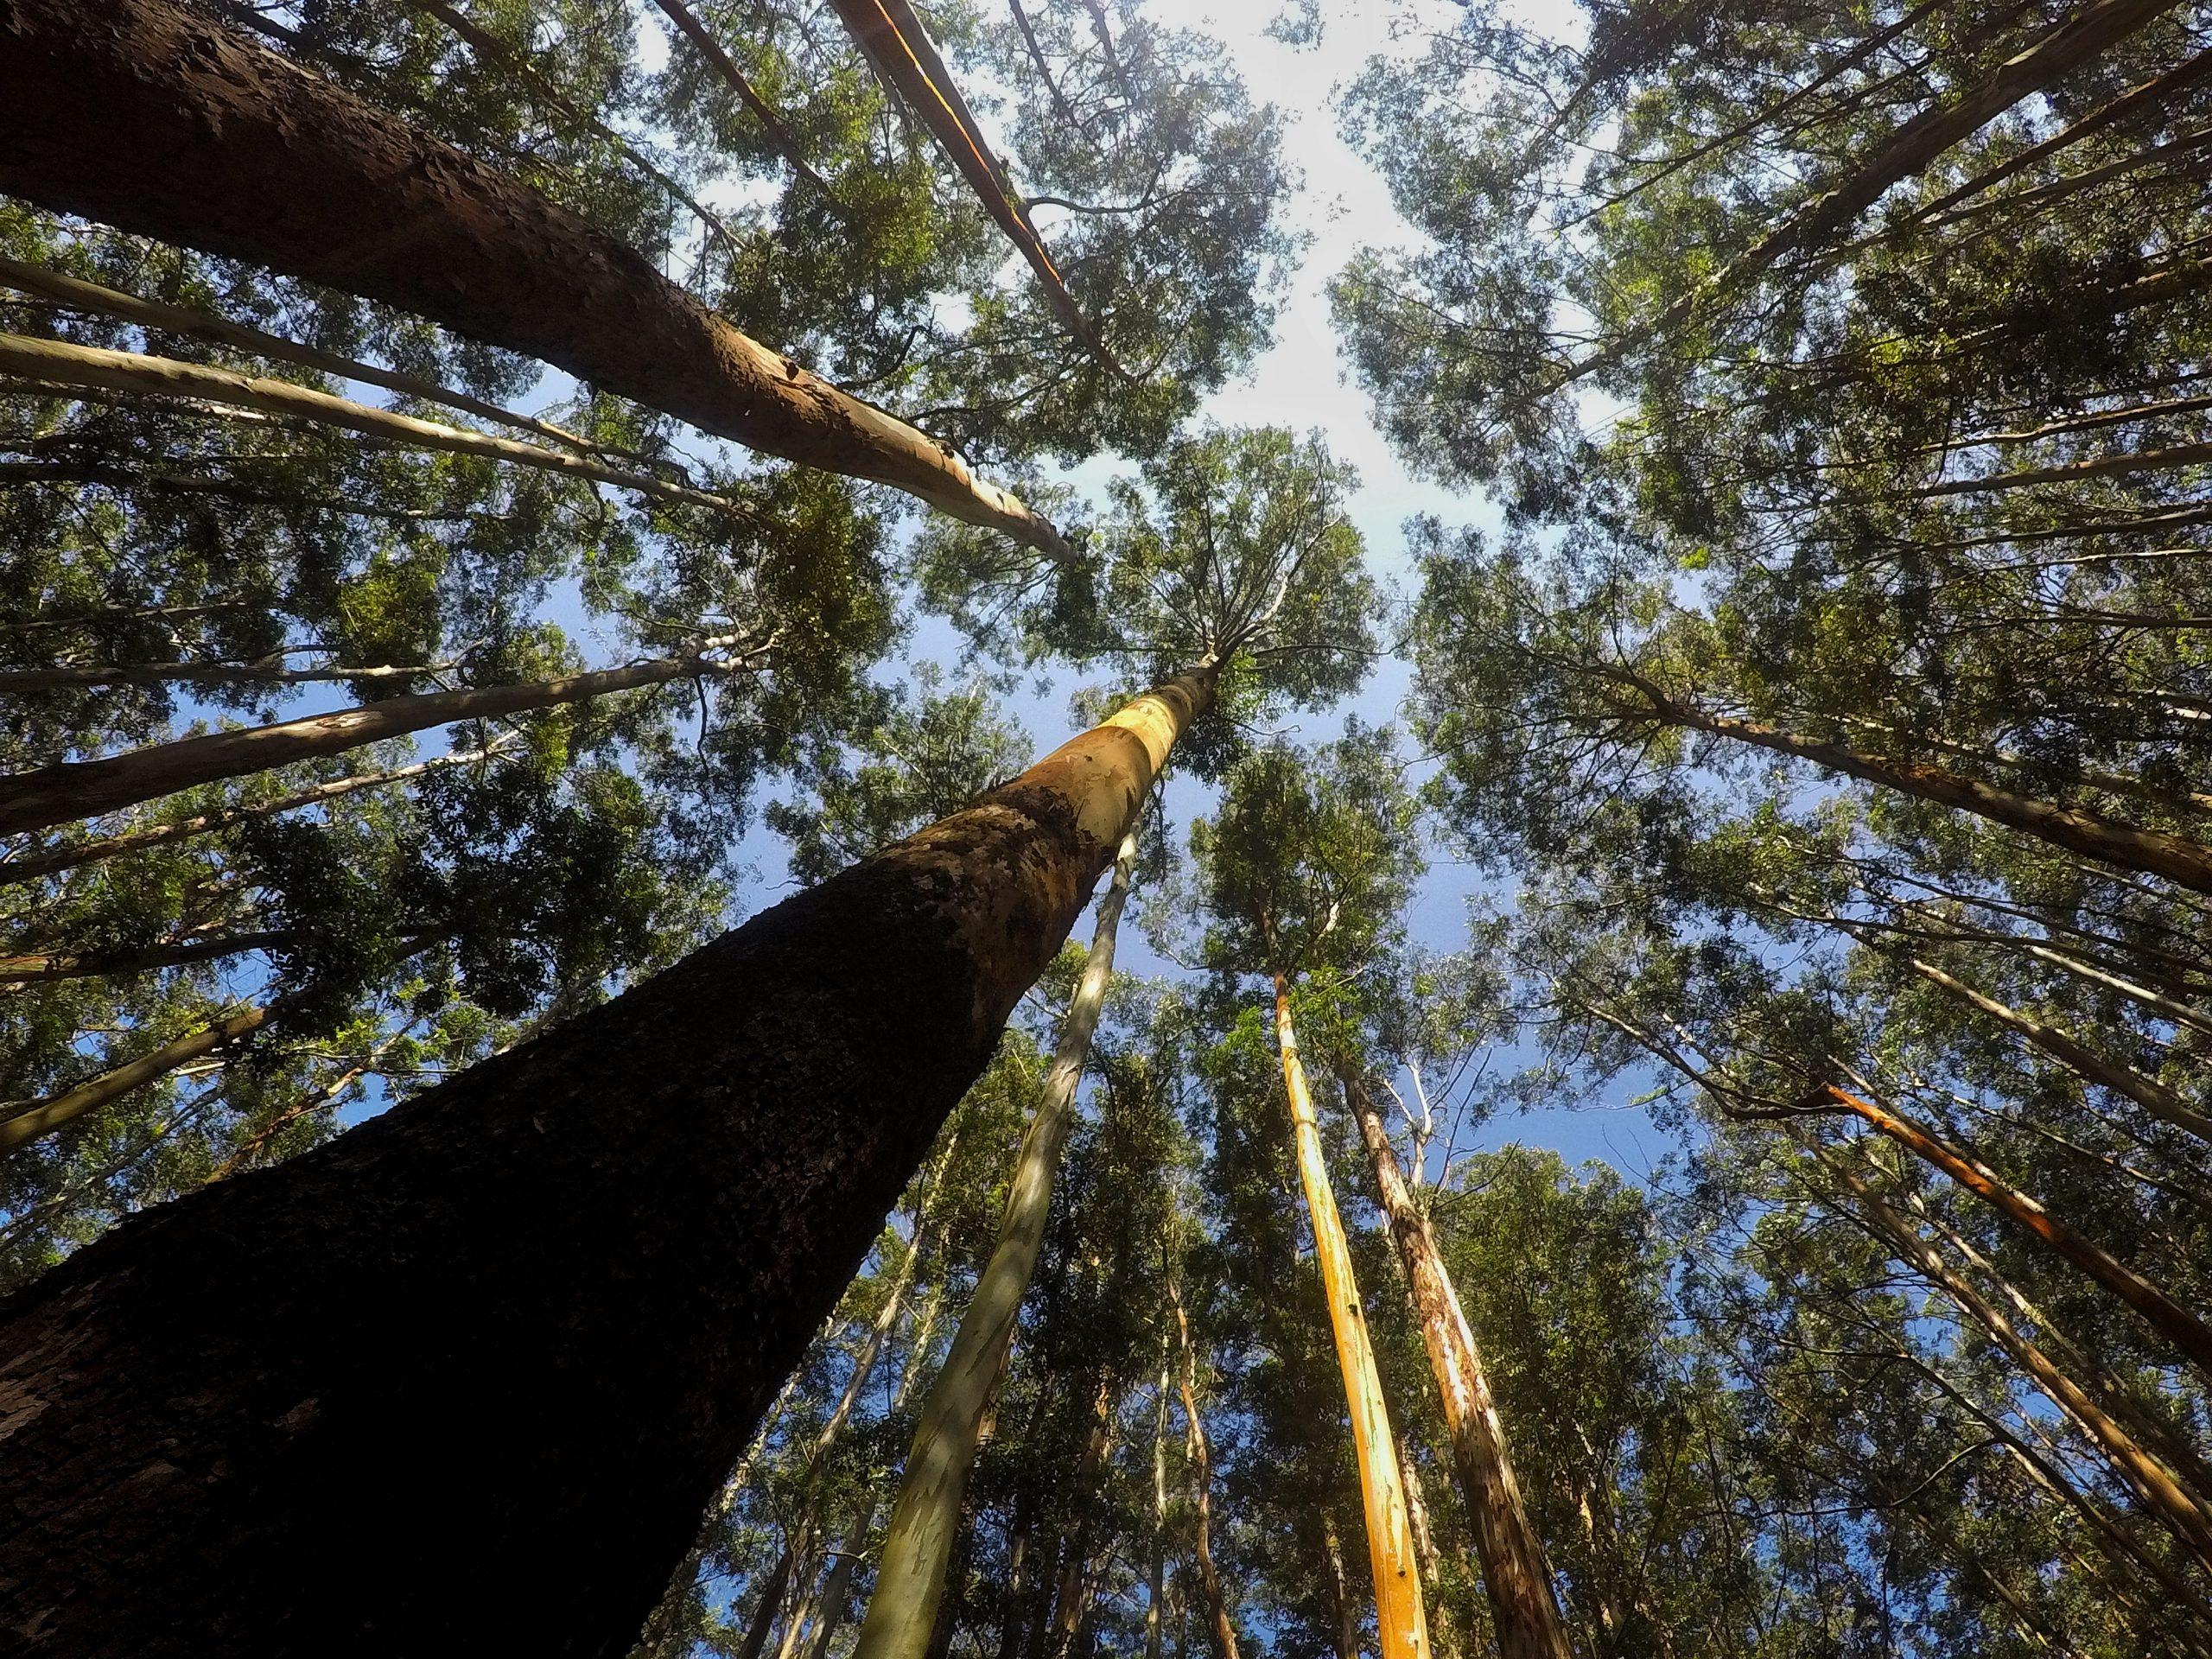 Eucalyptus trees in Kerala